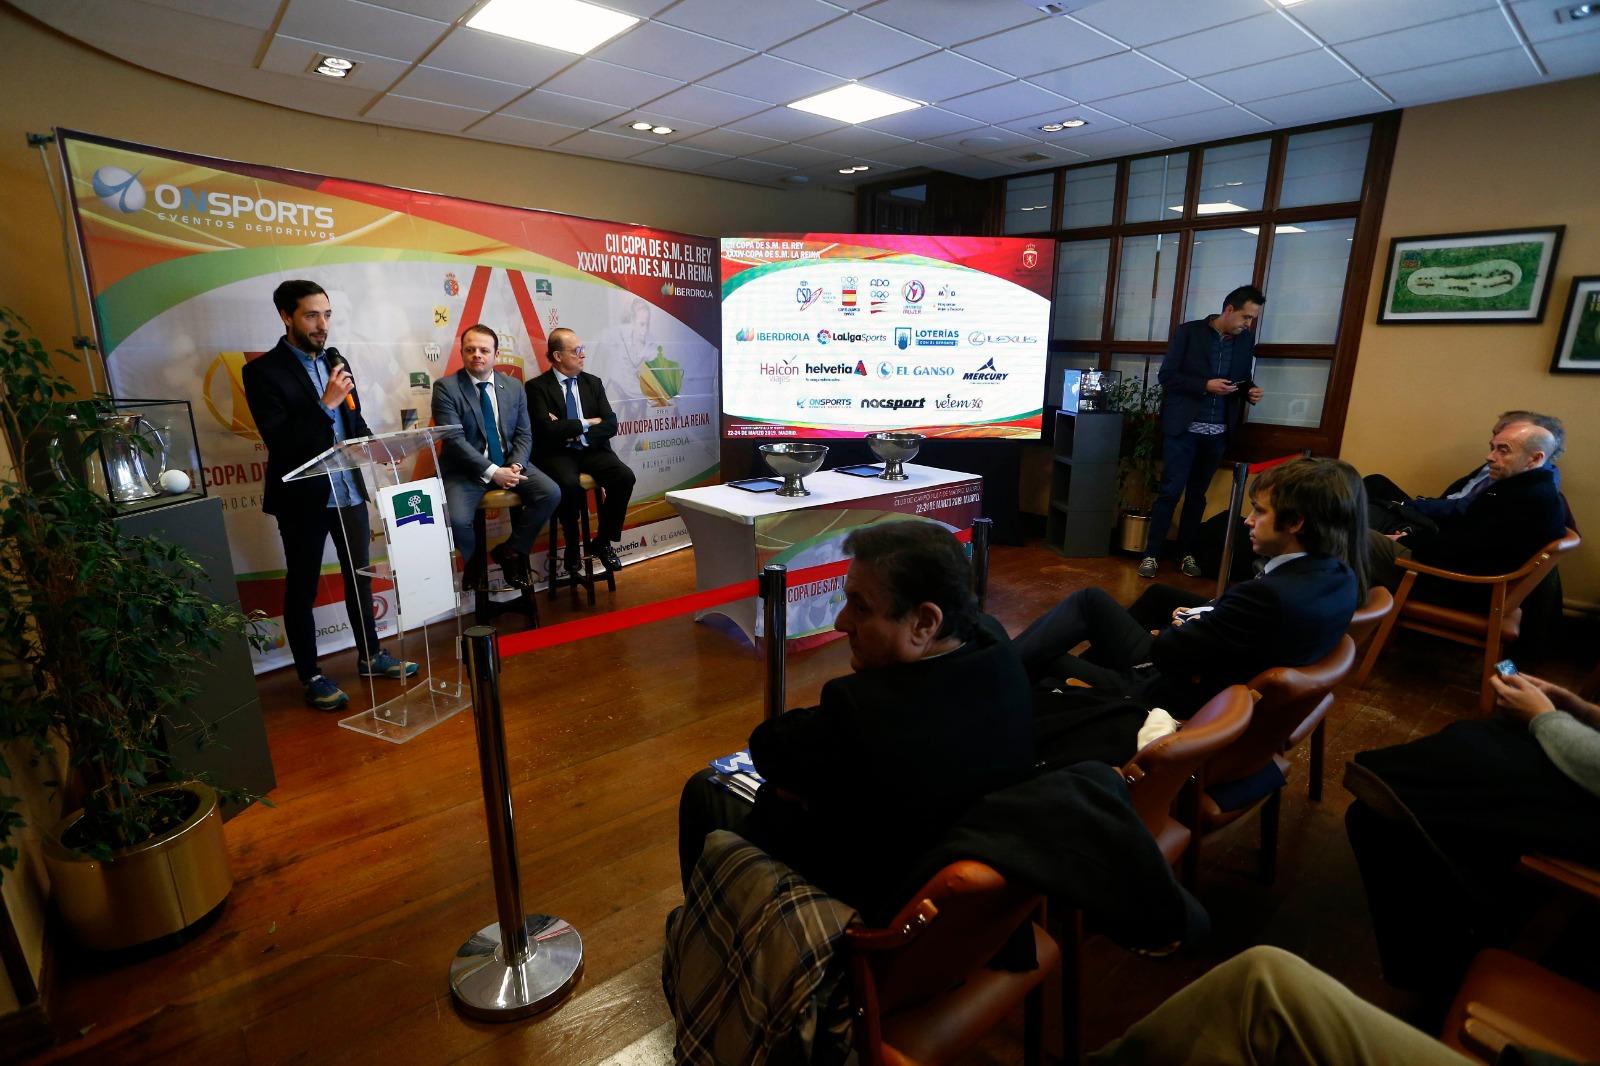 Antonio Vos, director financiero del Club de Campo, y Santiago Deó, presidente de la Real Federación Española de Hockey, en el sorteo de la Copa